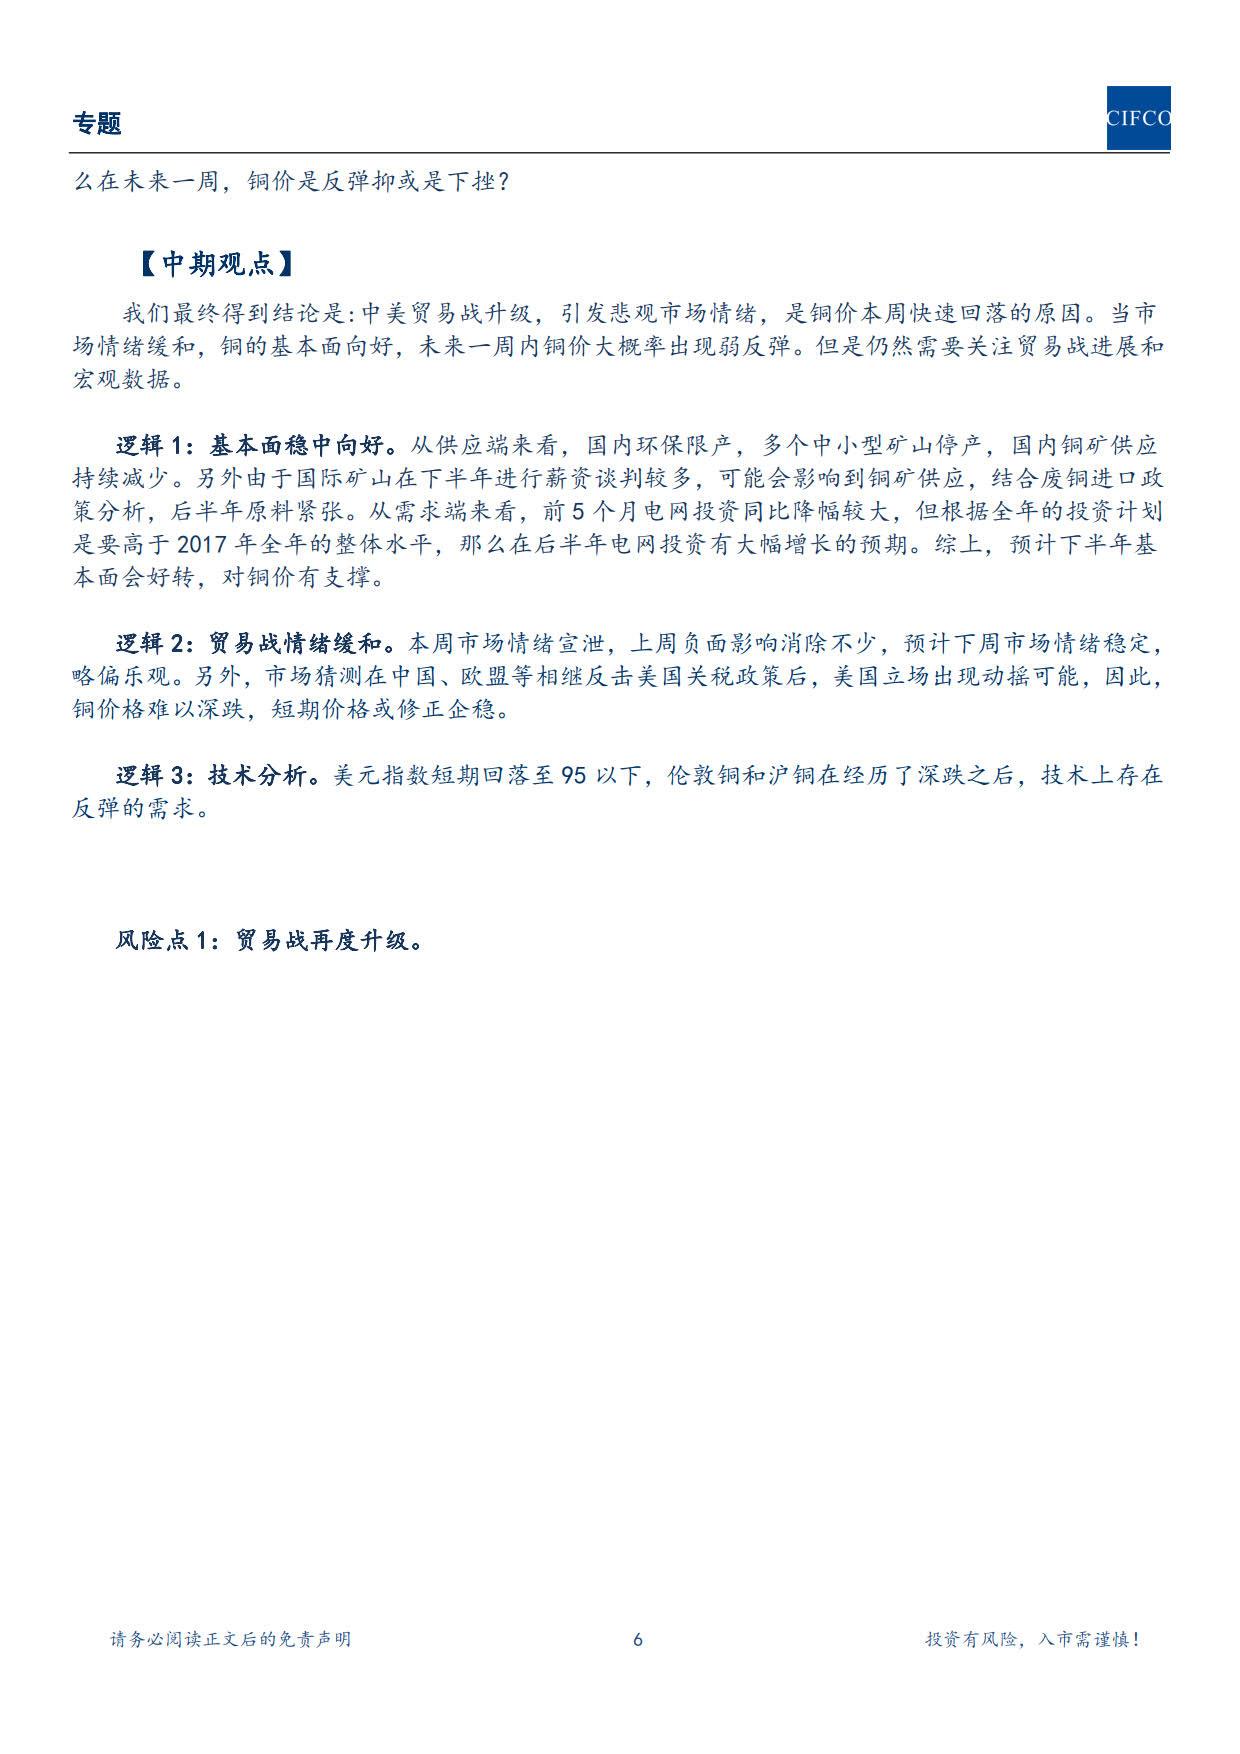 8【周策略会议】期待央妈降准,沪铜反弹仍有远忧_6.jpg